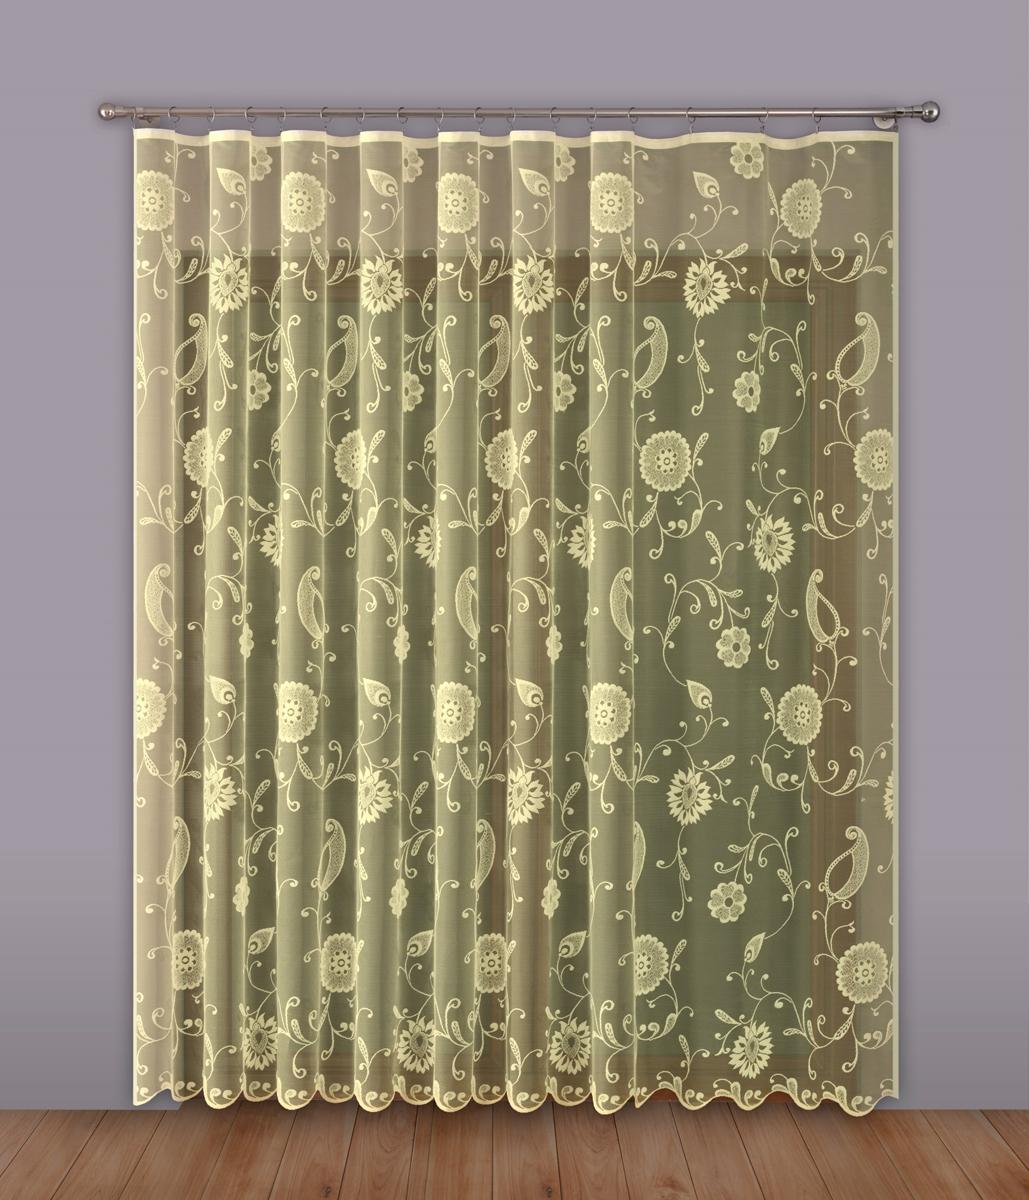 Тюль P Primavera Firany, на ленте, цвет: кремовый, высота 250 см, ширина 500 см. 1110296 тюль p primavera firany цвет кремовый высота 250 см 1110124